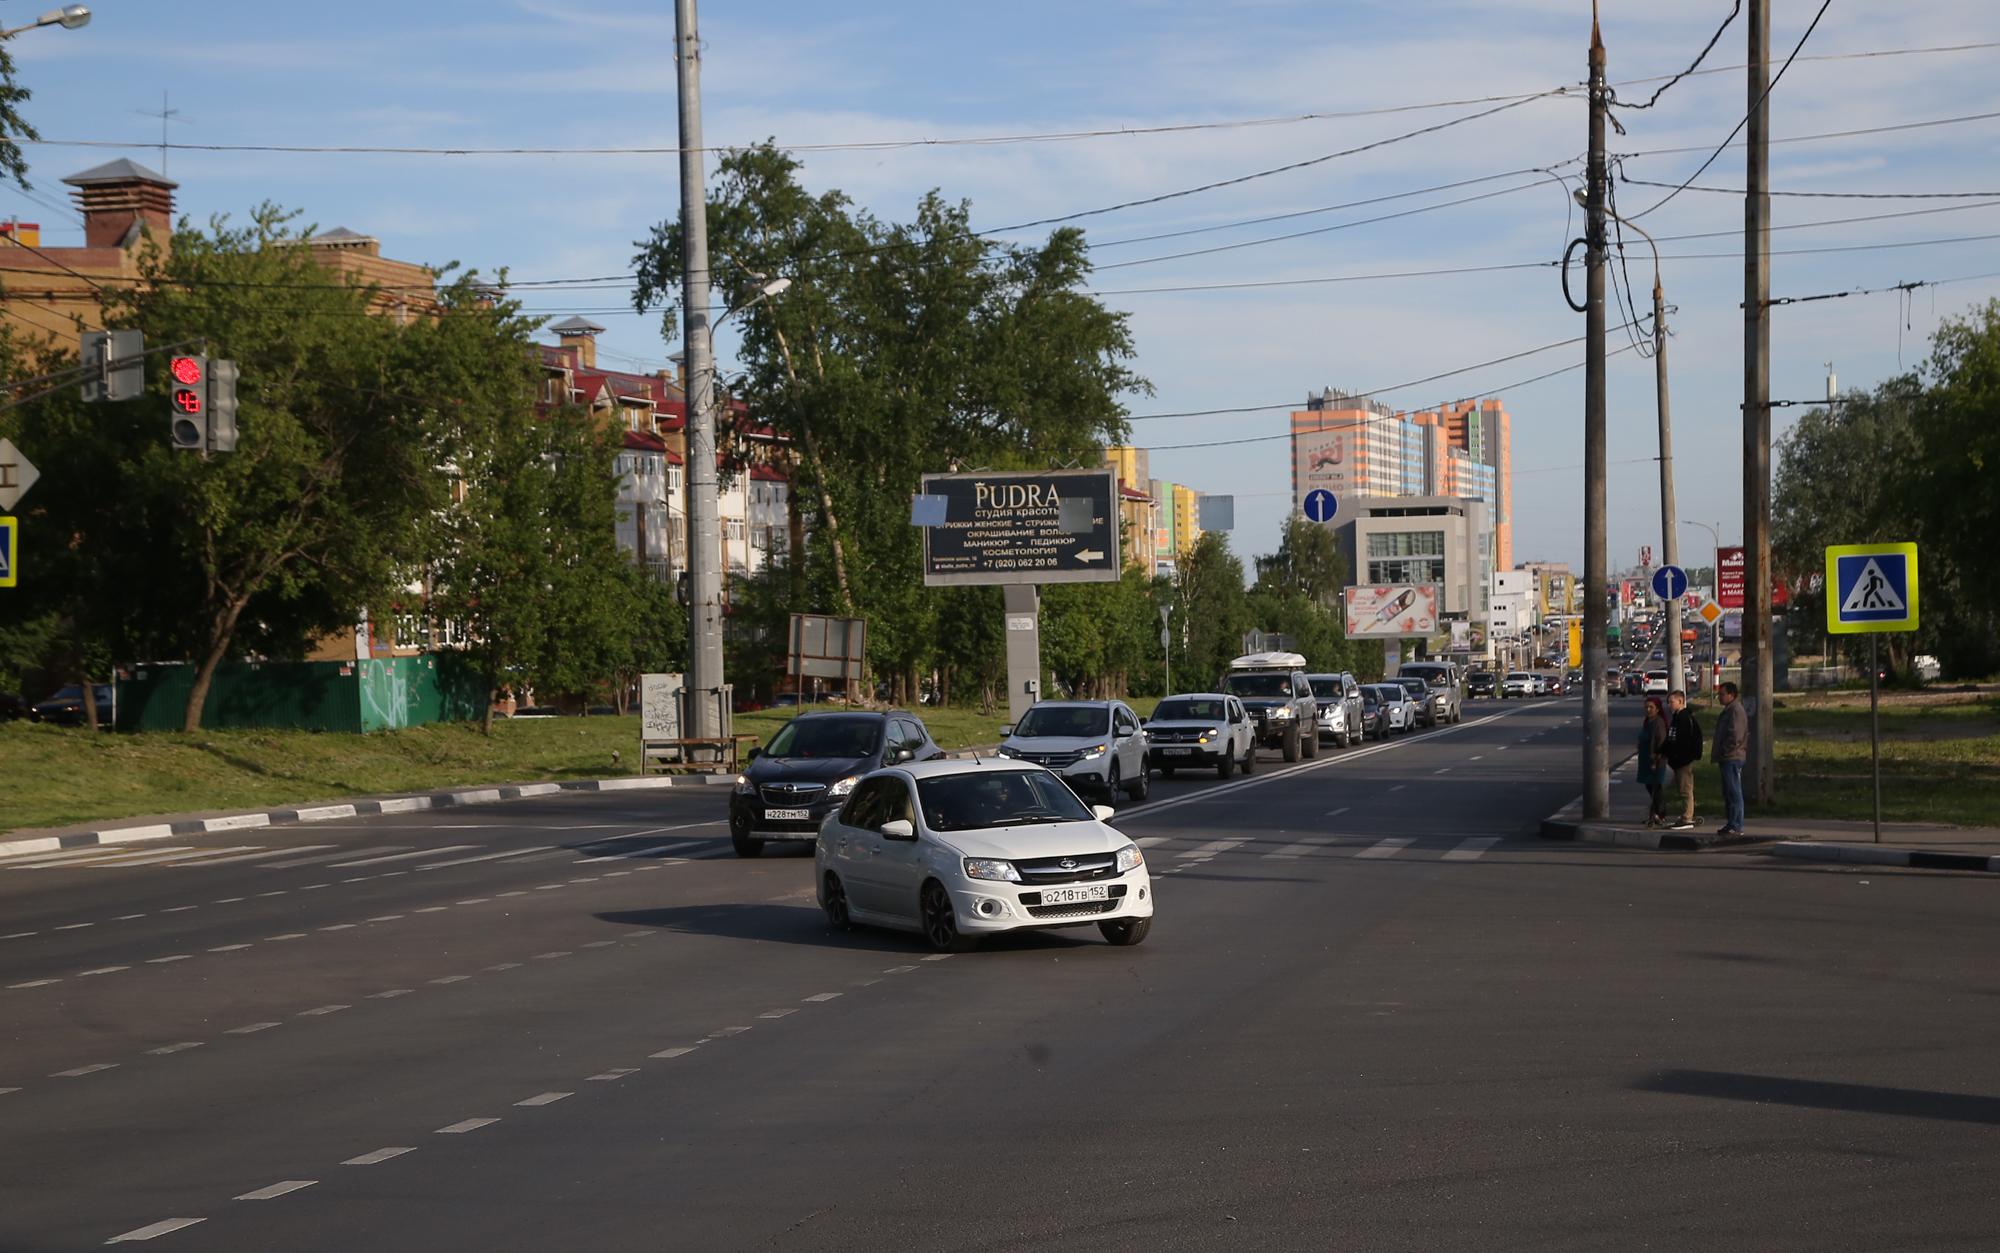 Дополнительные полосы на 60% увеличили пропускную способность Казанского шоссе в Нижнем Новгороде - фото 1